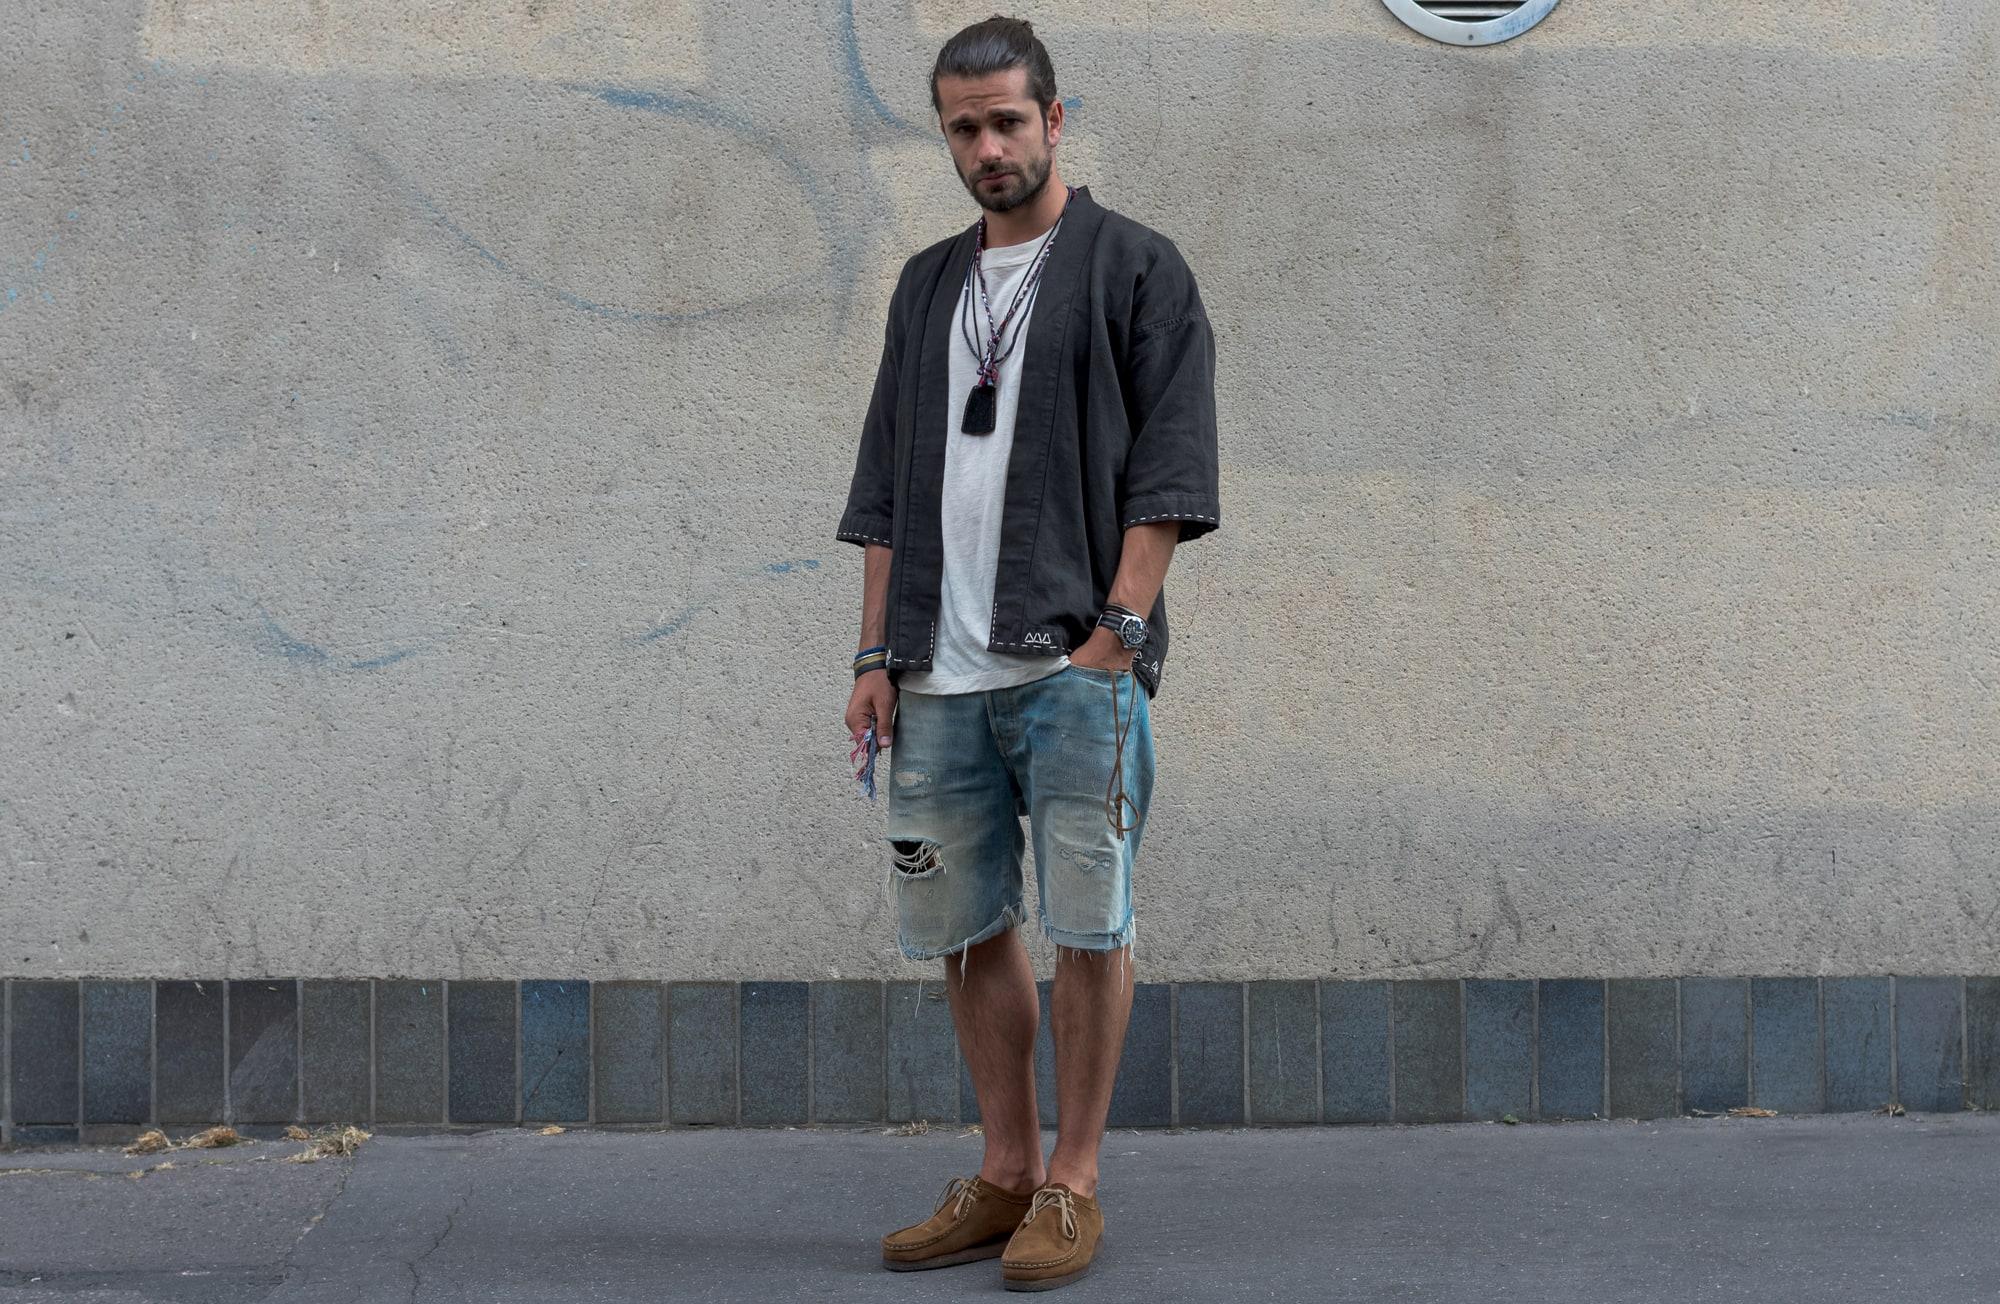 comment porter une noragi pour homme et des colliers tressés Borali en accessoire masculin